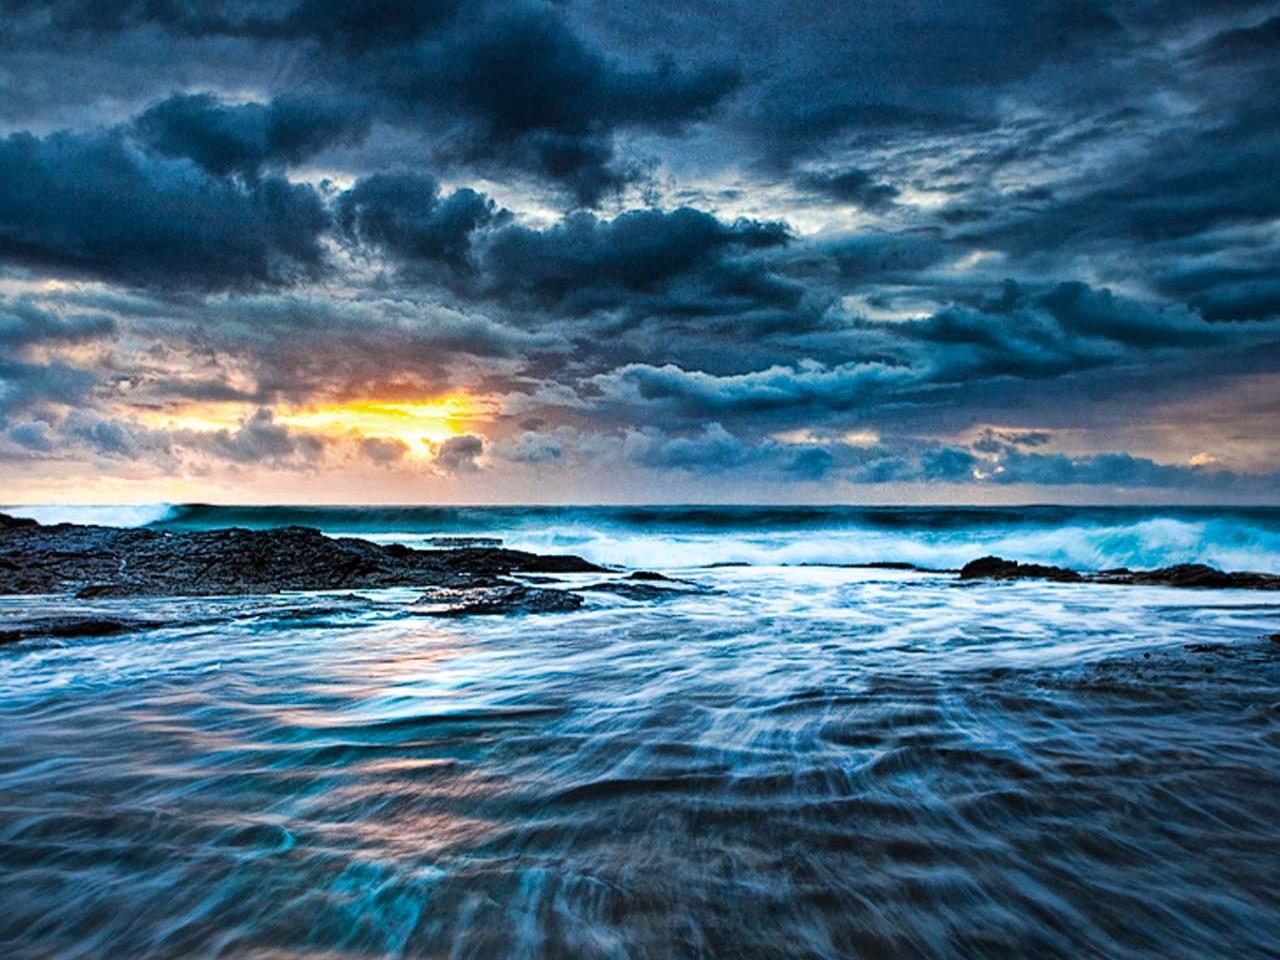 Seascape Sony Tablet S Wallpaper 1280x960